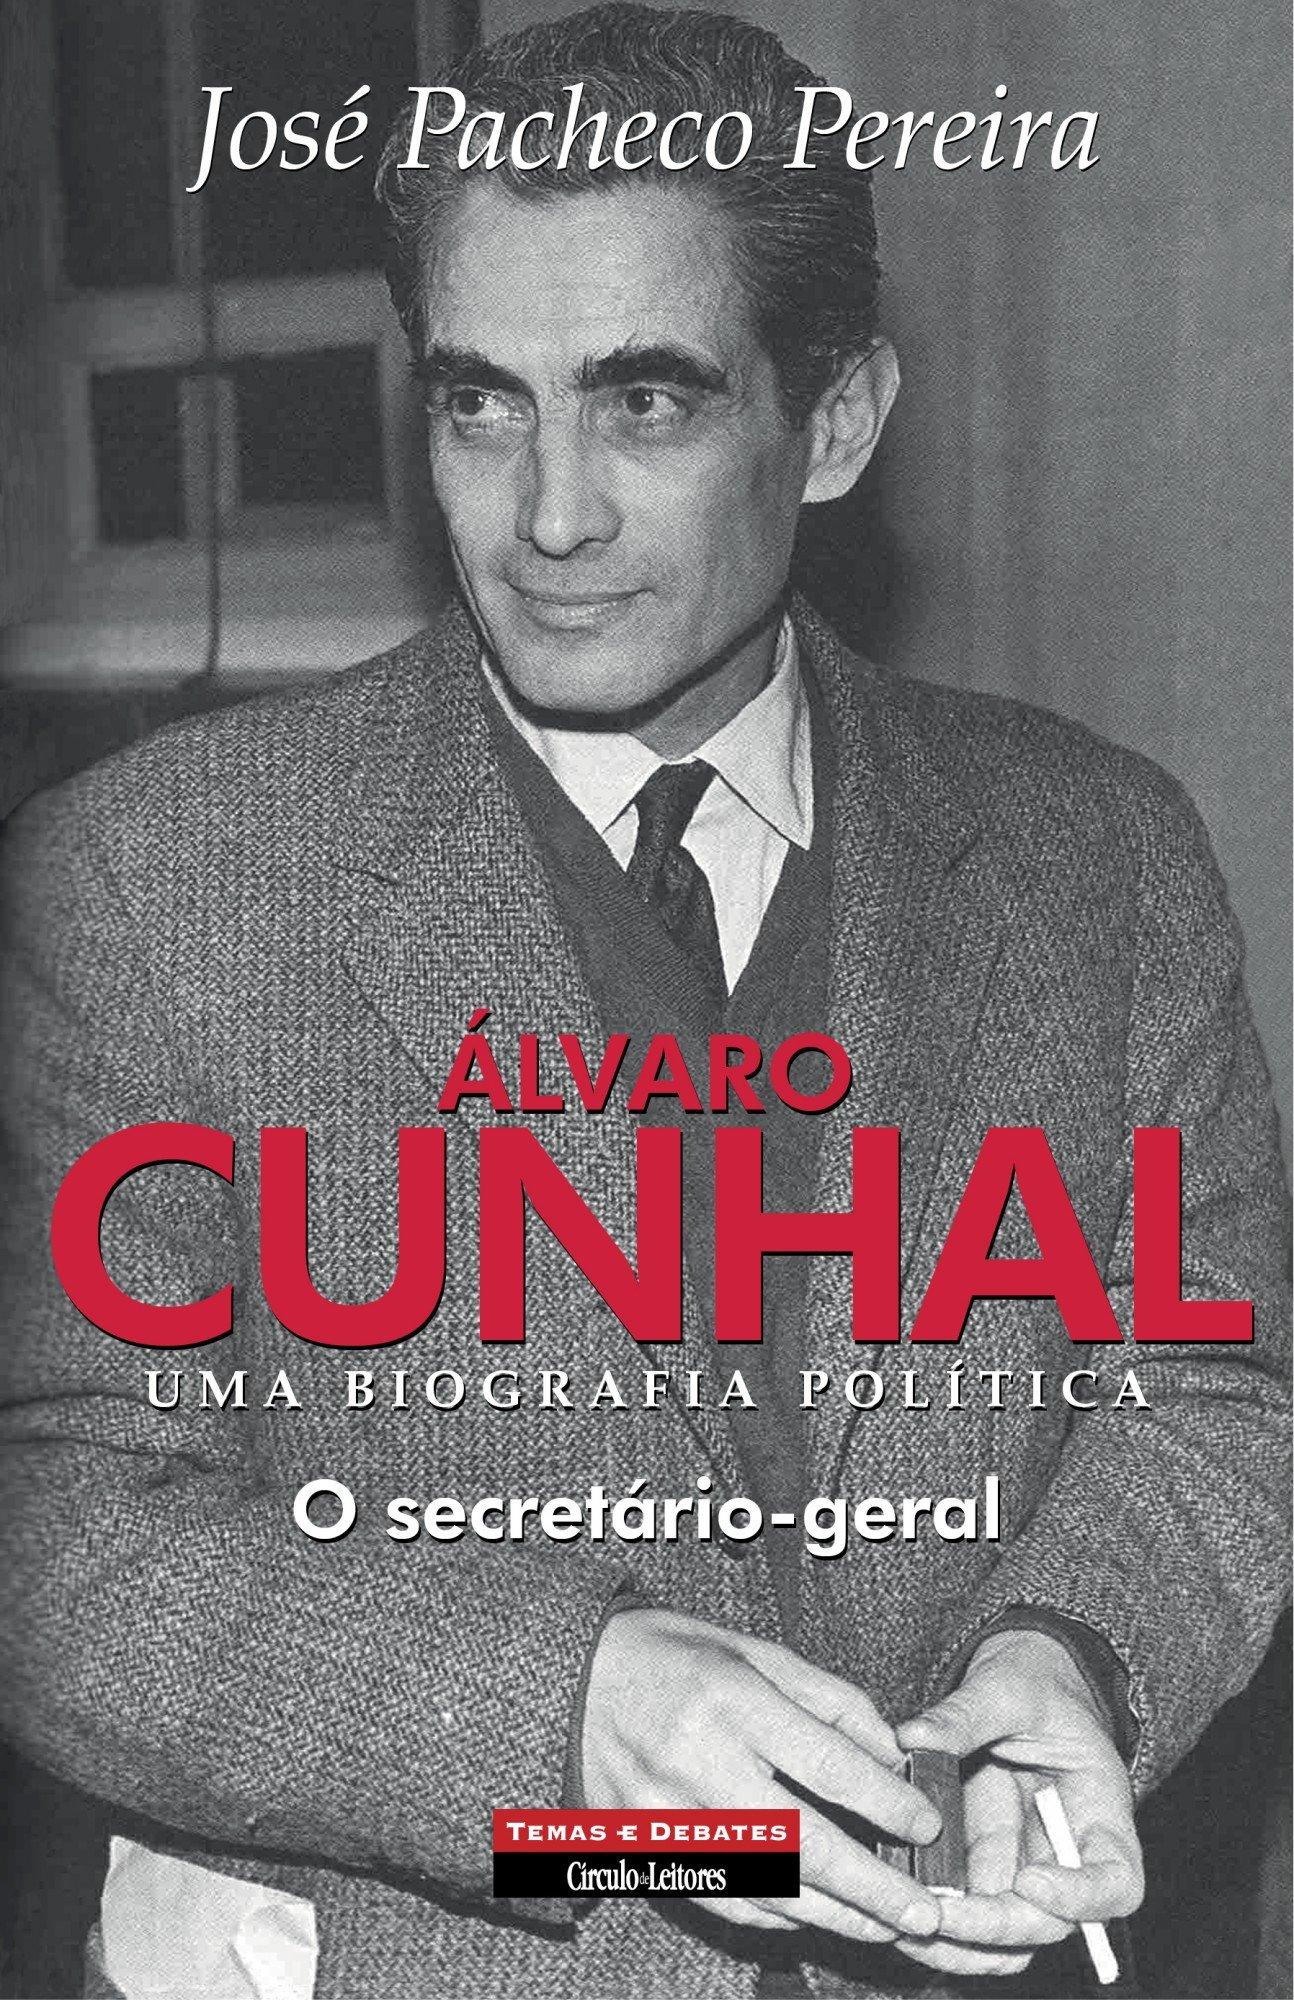 Cunhal IV (1)